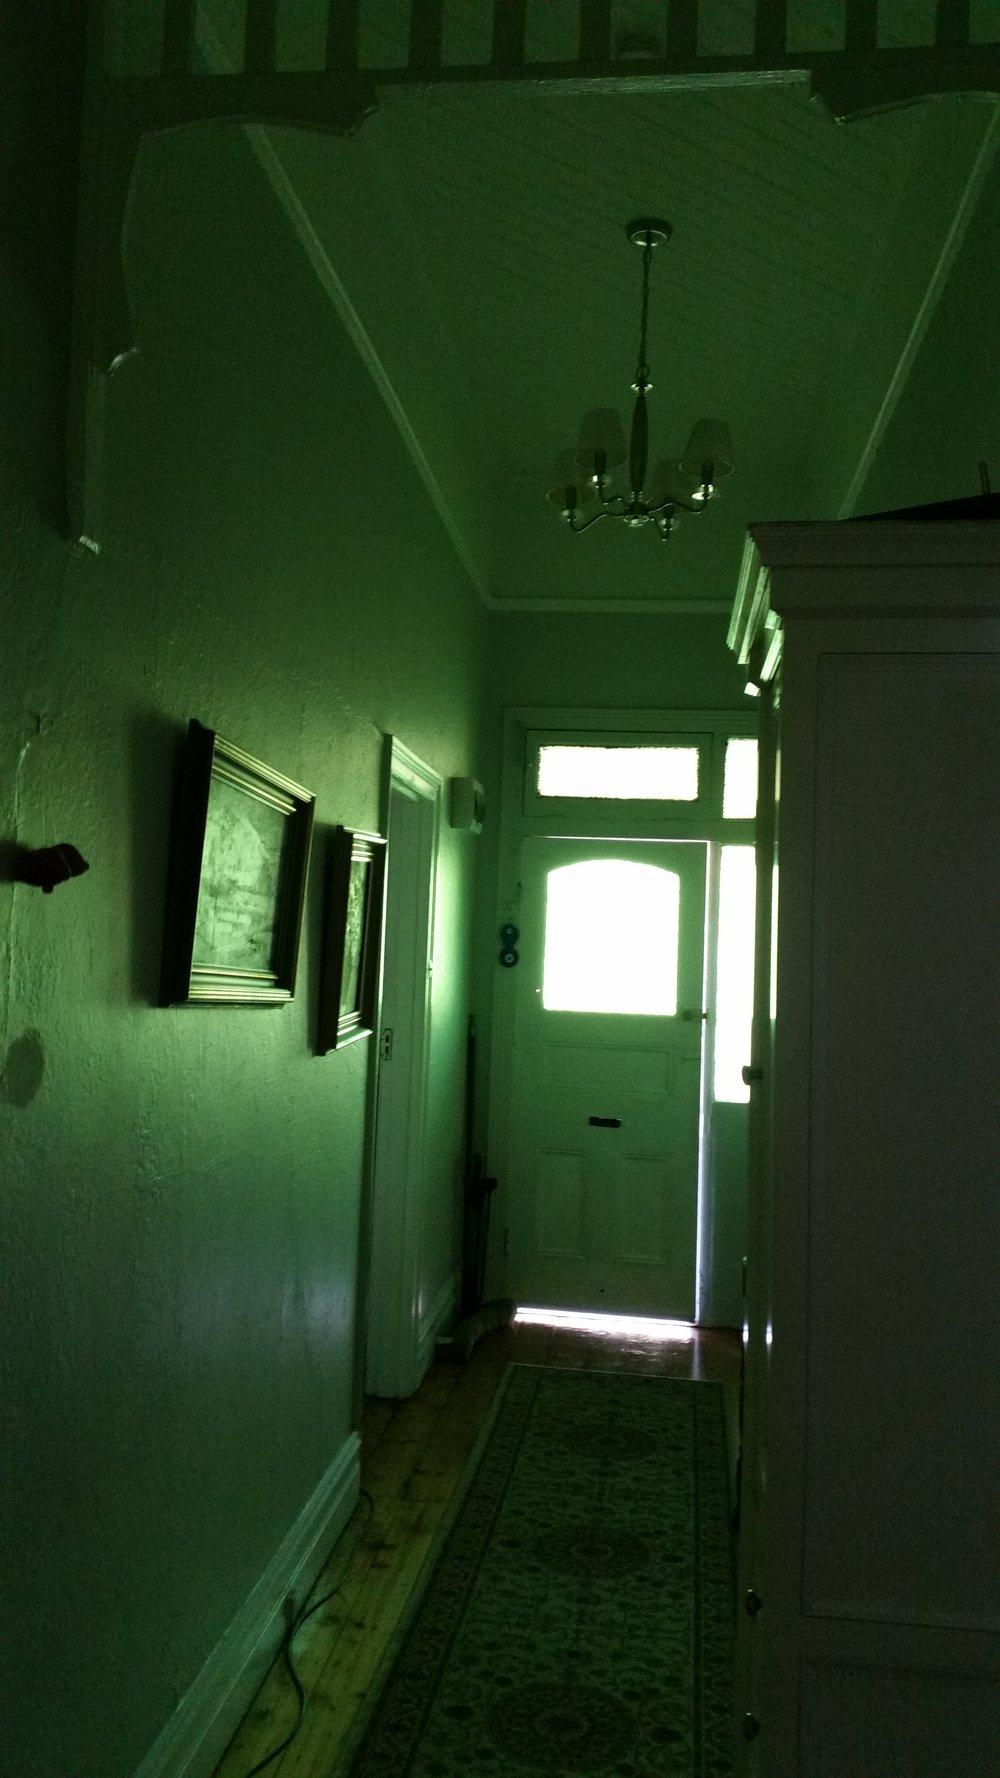 Hallway design before renovation by Melbourne interior designer Meredith Lee